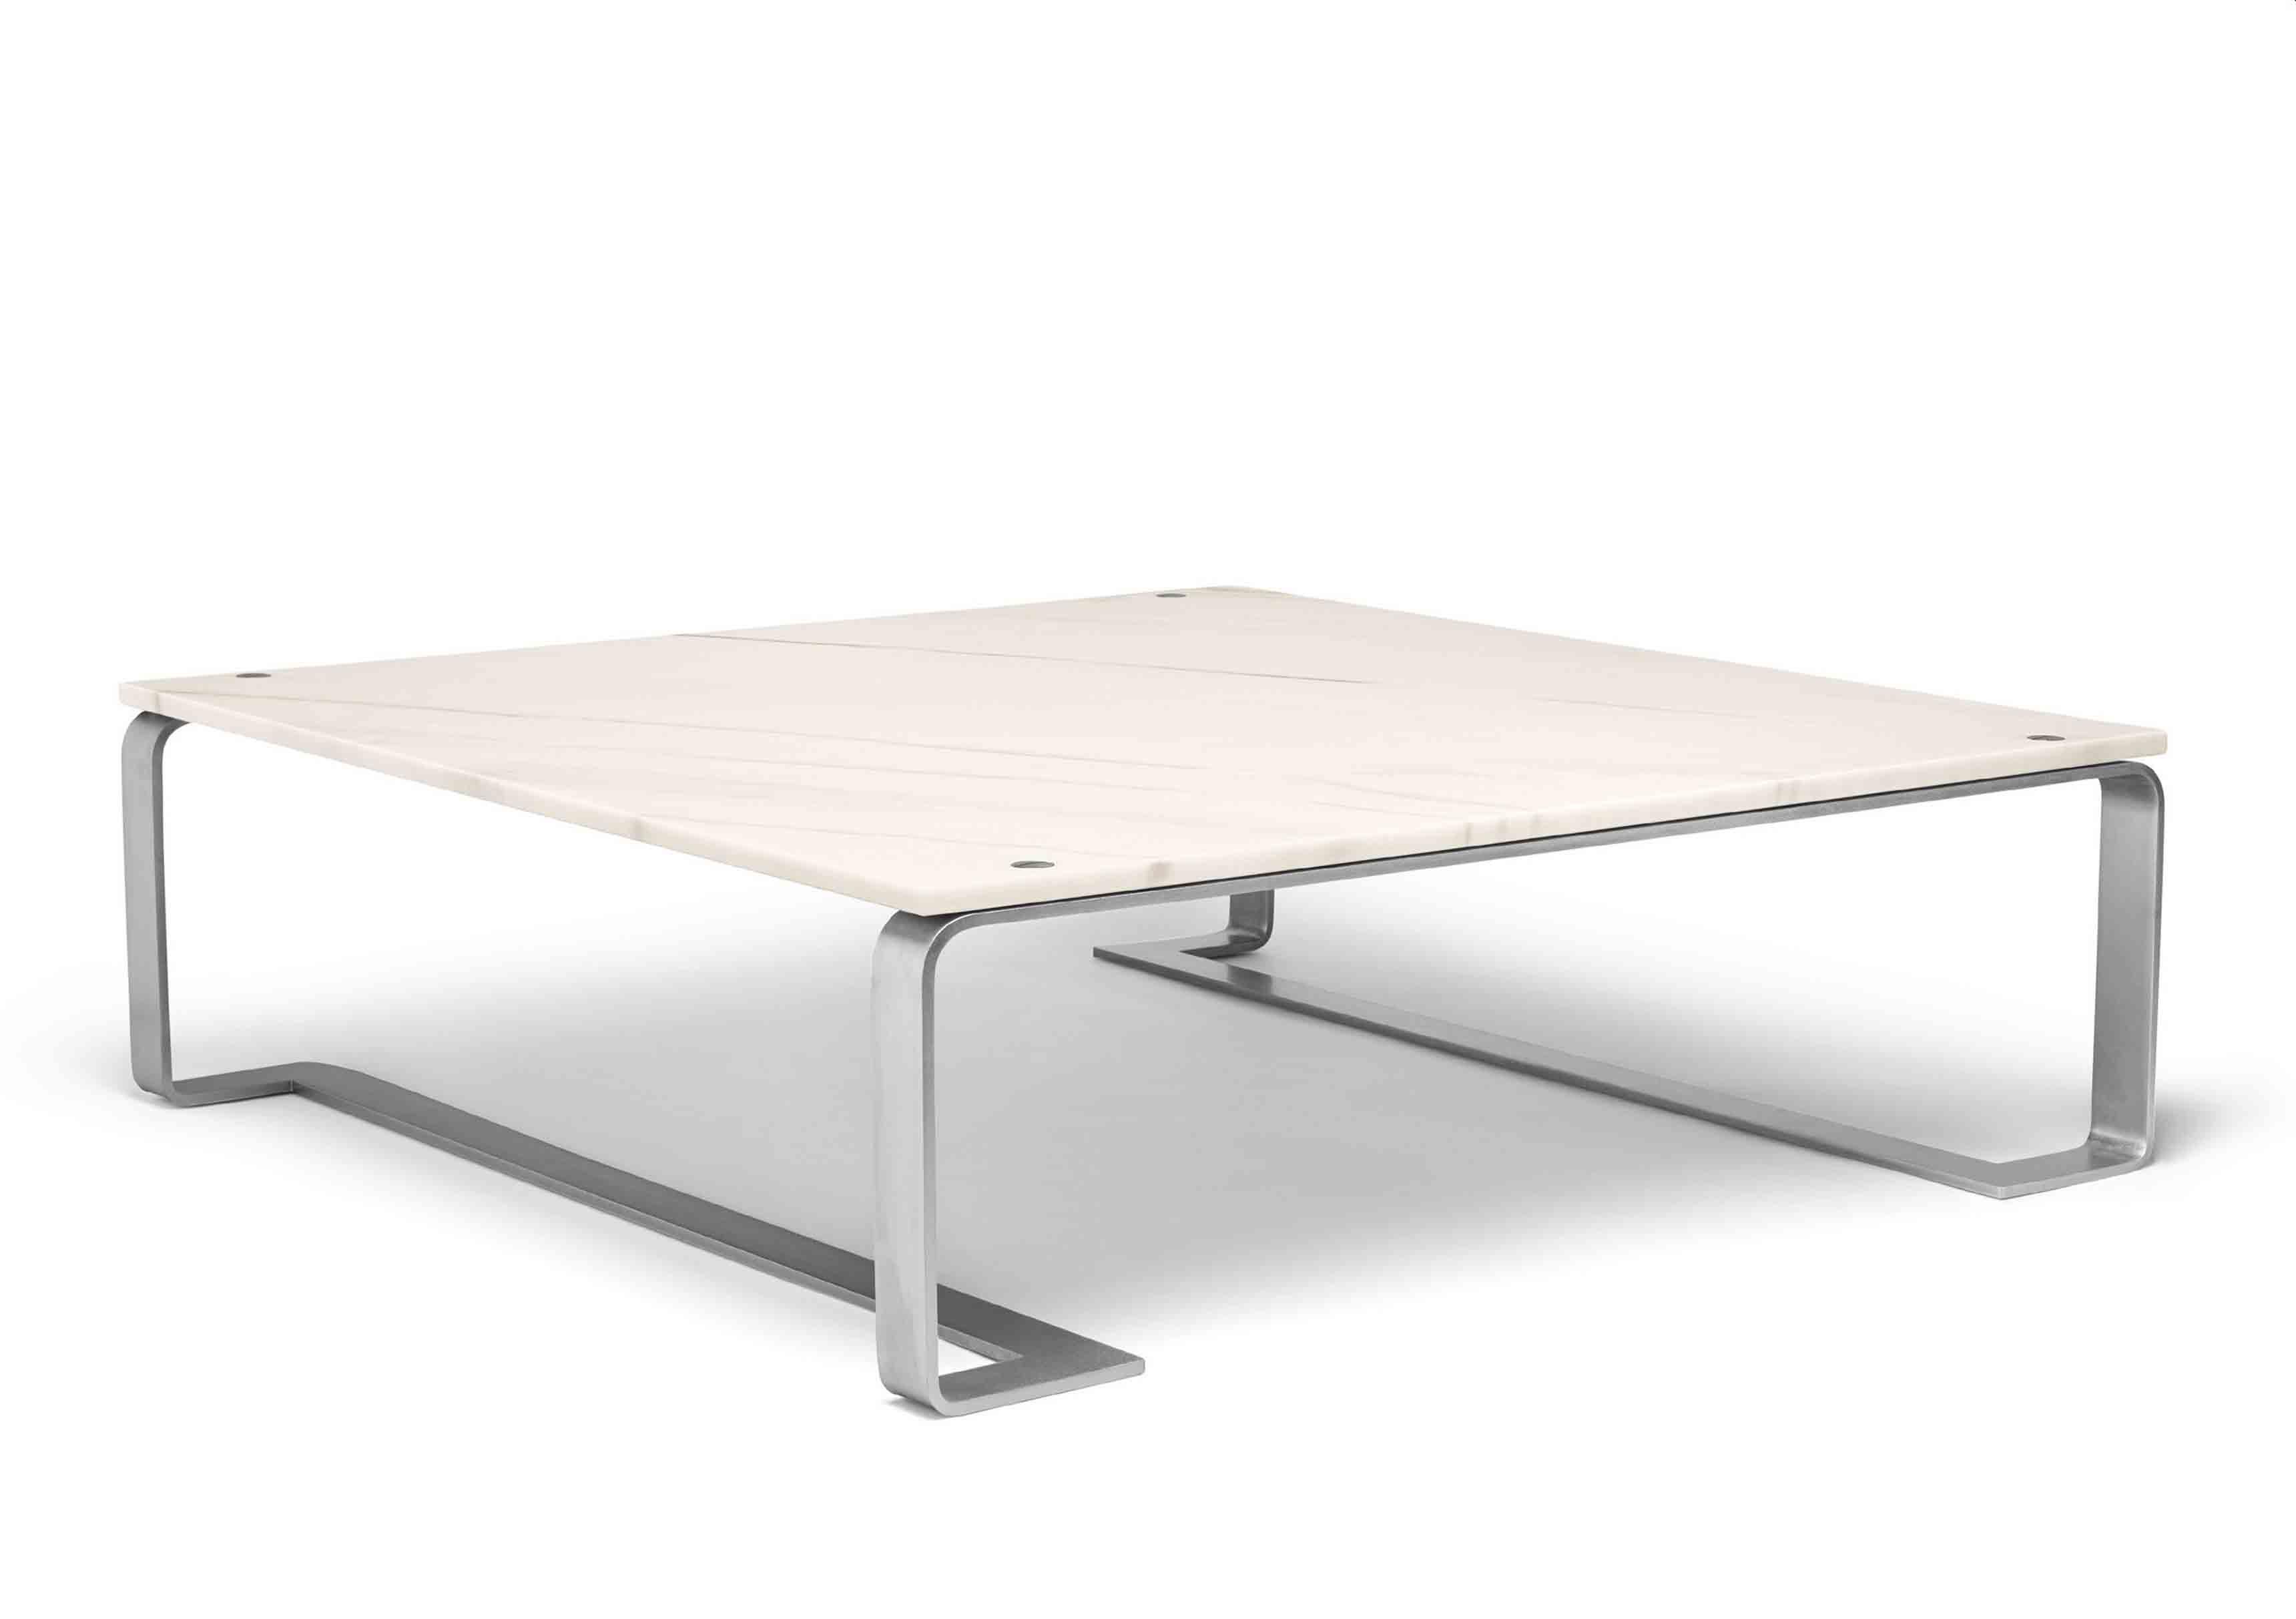 Table basse Floating en marbre blanc issue de la nouvelle collection Maison de Bottega Veneta, à l'occasion du Salone del Mobile de Milan.